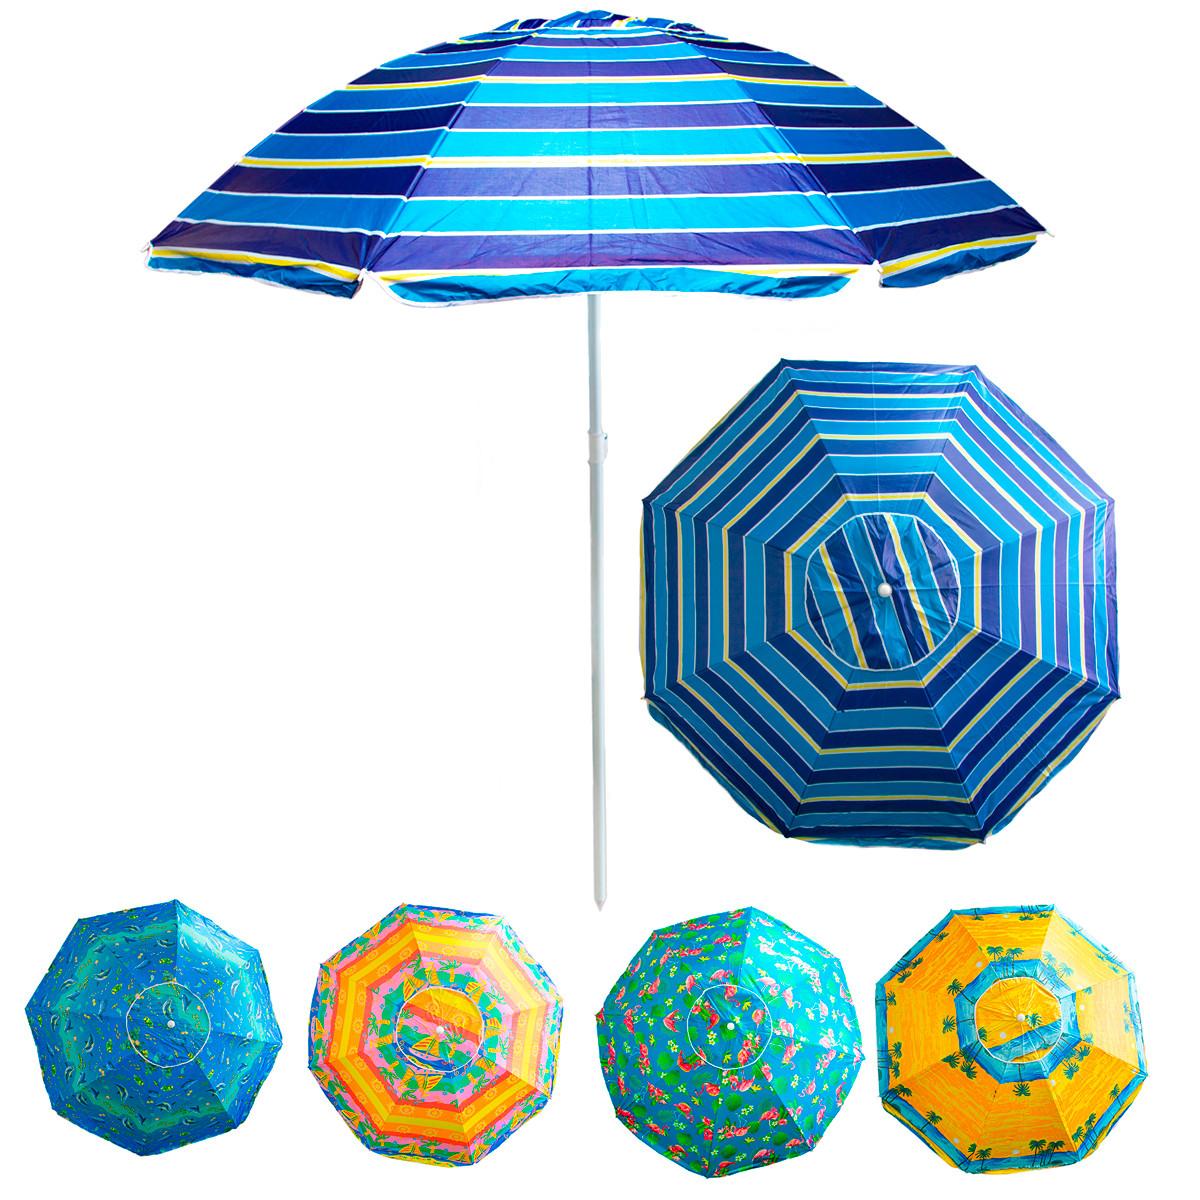 """Пляжный зонт антиветер """"Stenson - синий Полоски"""" 1,8м с серебряным покрытием, зонт от солнца большой (NS)"""